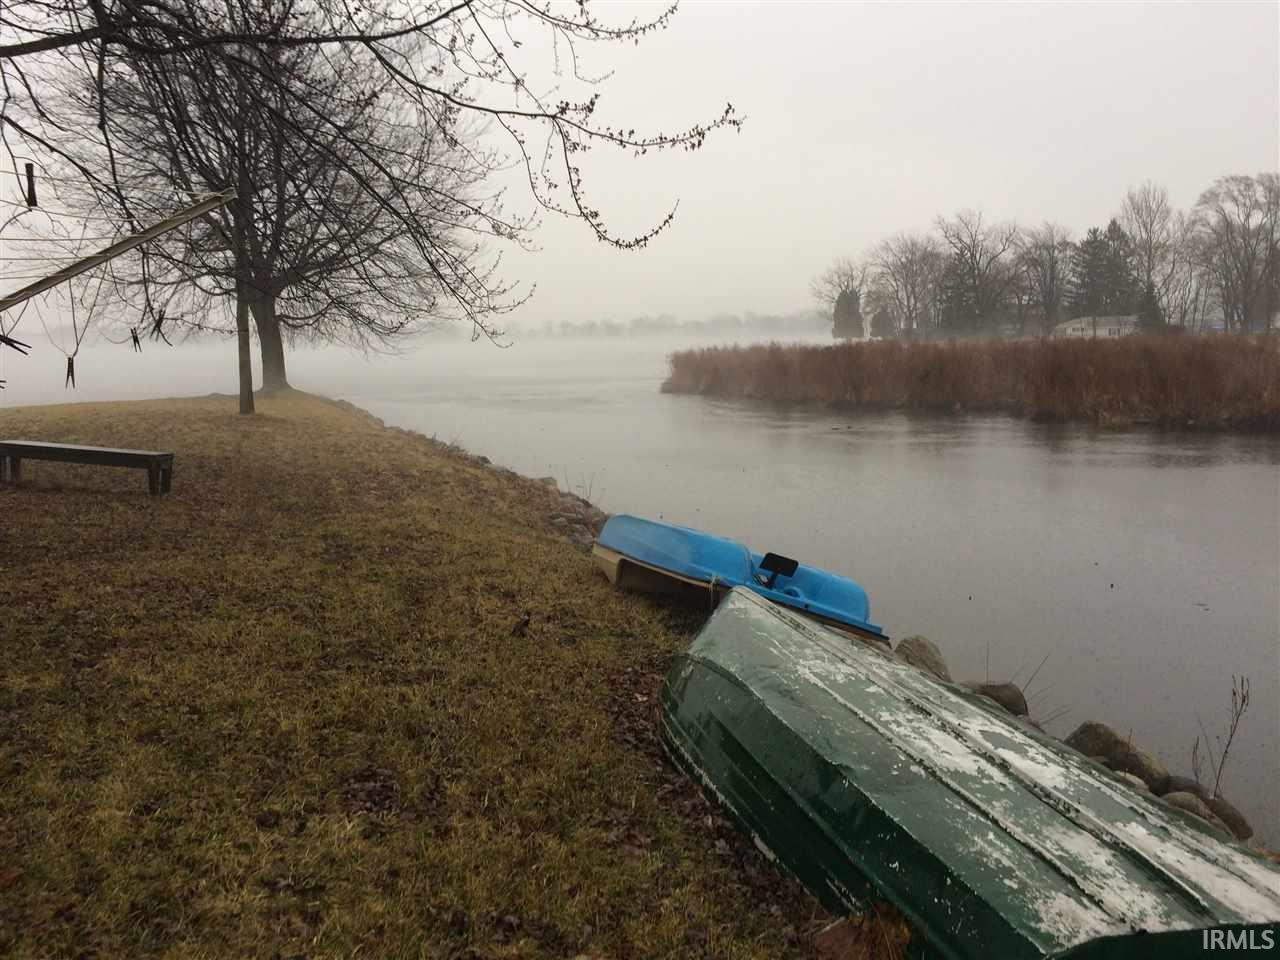 4010 W Shore Bremen, IN 46506